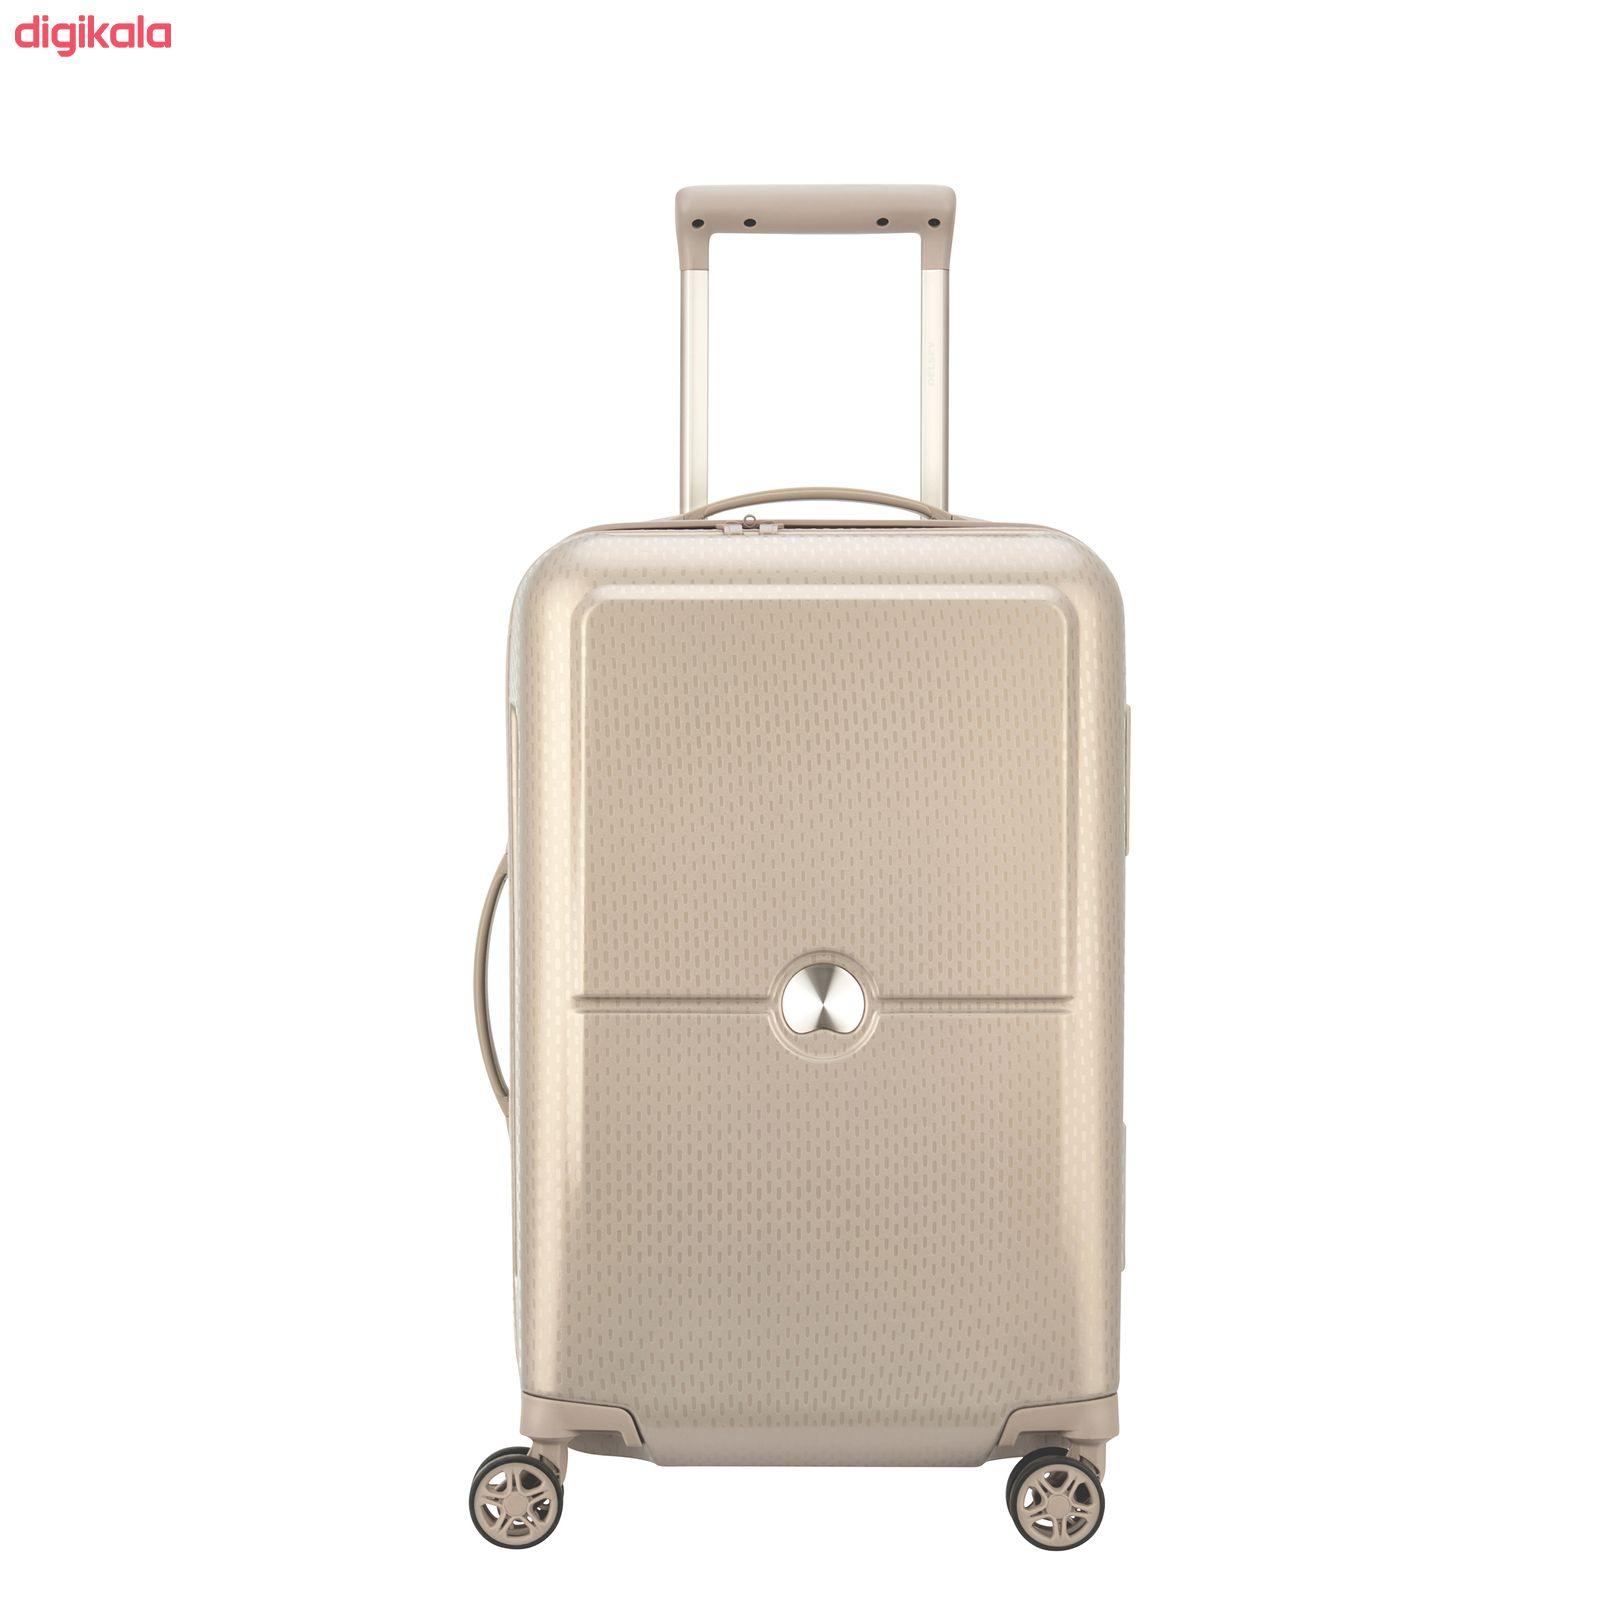 چمدان دلسی مدل TURENNE کد 1621801 سایز کوچک main 1 1